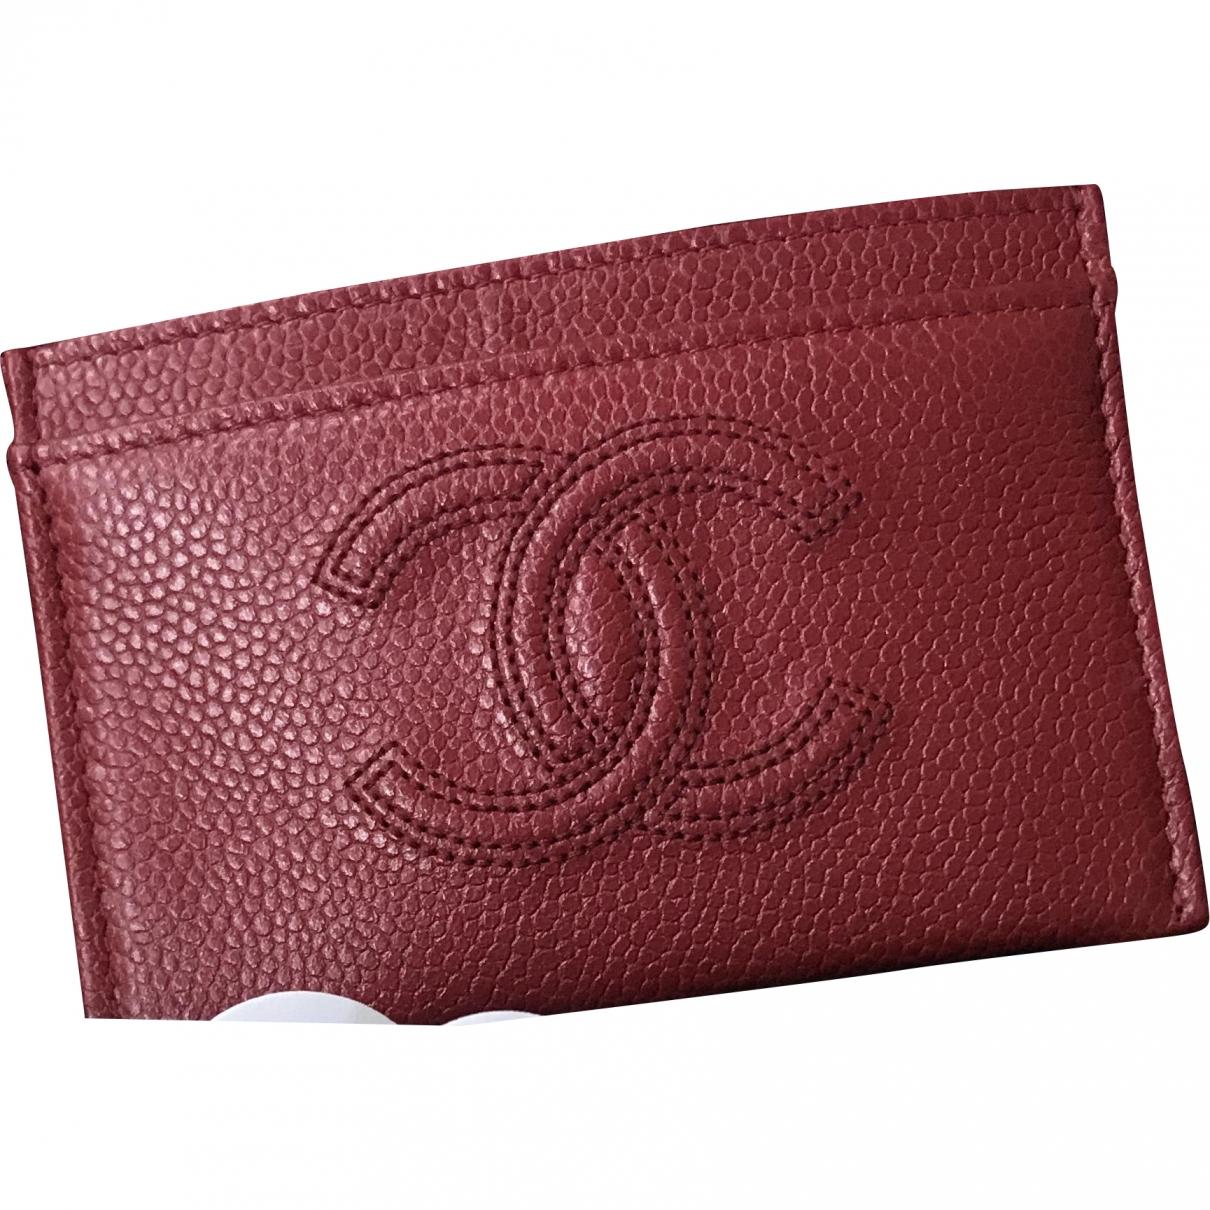 Chanel \N Kleinlederwaren in  Rot Leder